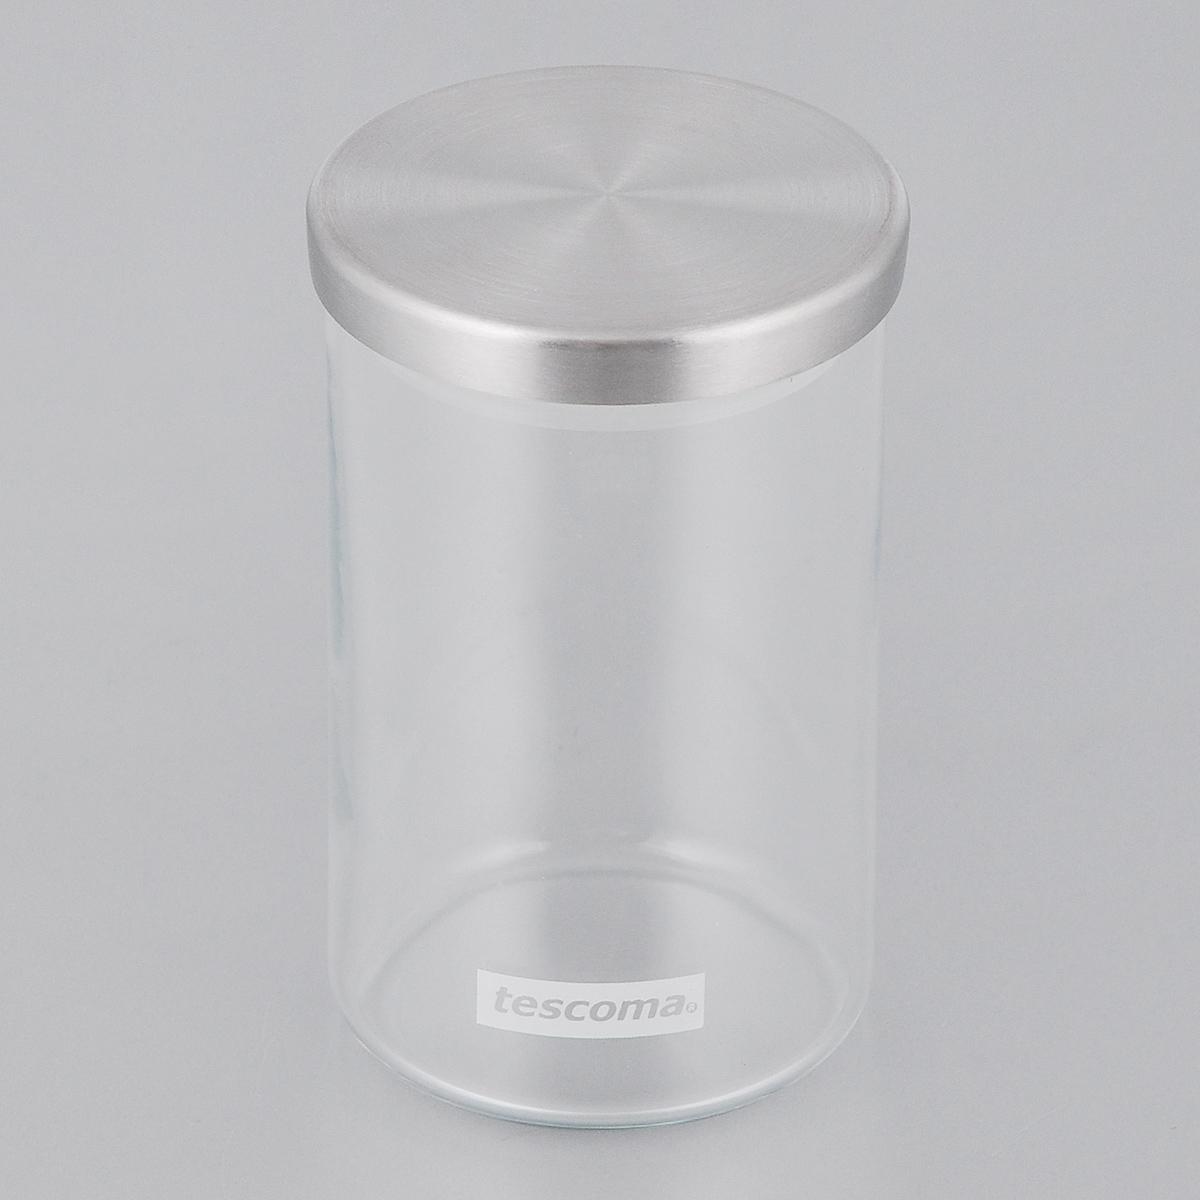 Емкость для специй Tescoma Monti, цвет: прозрачный, металлик, 200 мл894810Емкость для специй Tescoma Monti, изготовленная из прочного боросиликатного стекла, позволит вам хранить разнообразные специи. Емкость оснащена плотно прилегающей крышкой, изготовленной из первоклассной нержавеющей стали и прочной пластмассы и снабженная силиконовой прокладкой. Емкость для хранения специй станет незаменимым помощником на кухне. Можно мыть в посудомоечной машине, крышку - нельзя. Диаметр по верхнему краю: 6 см. Диаметр дна: 6 см. Высота без учета крышки: 10 см. Высота с учетом крышки: 10,7 см. Объем: 0,2 л.